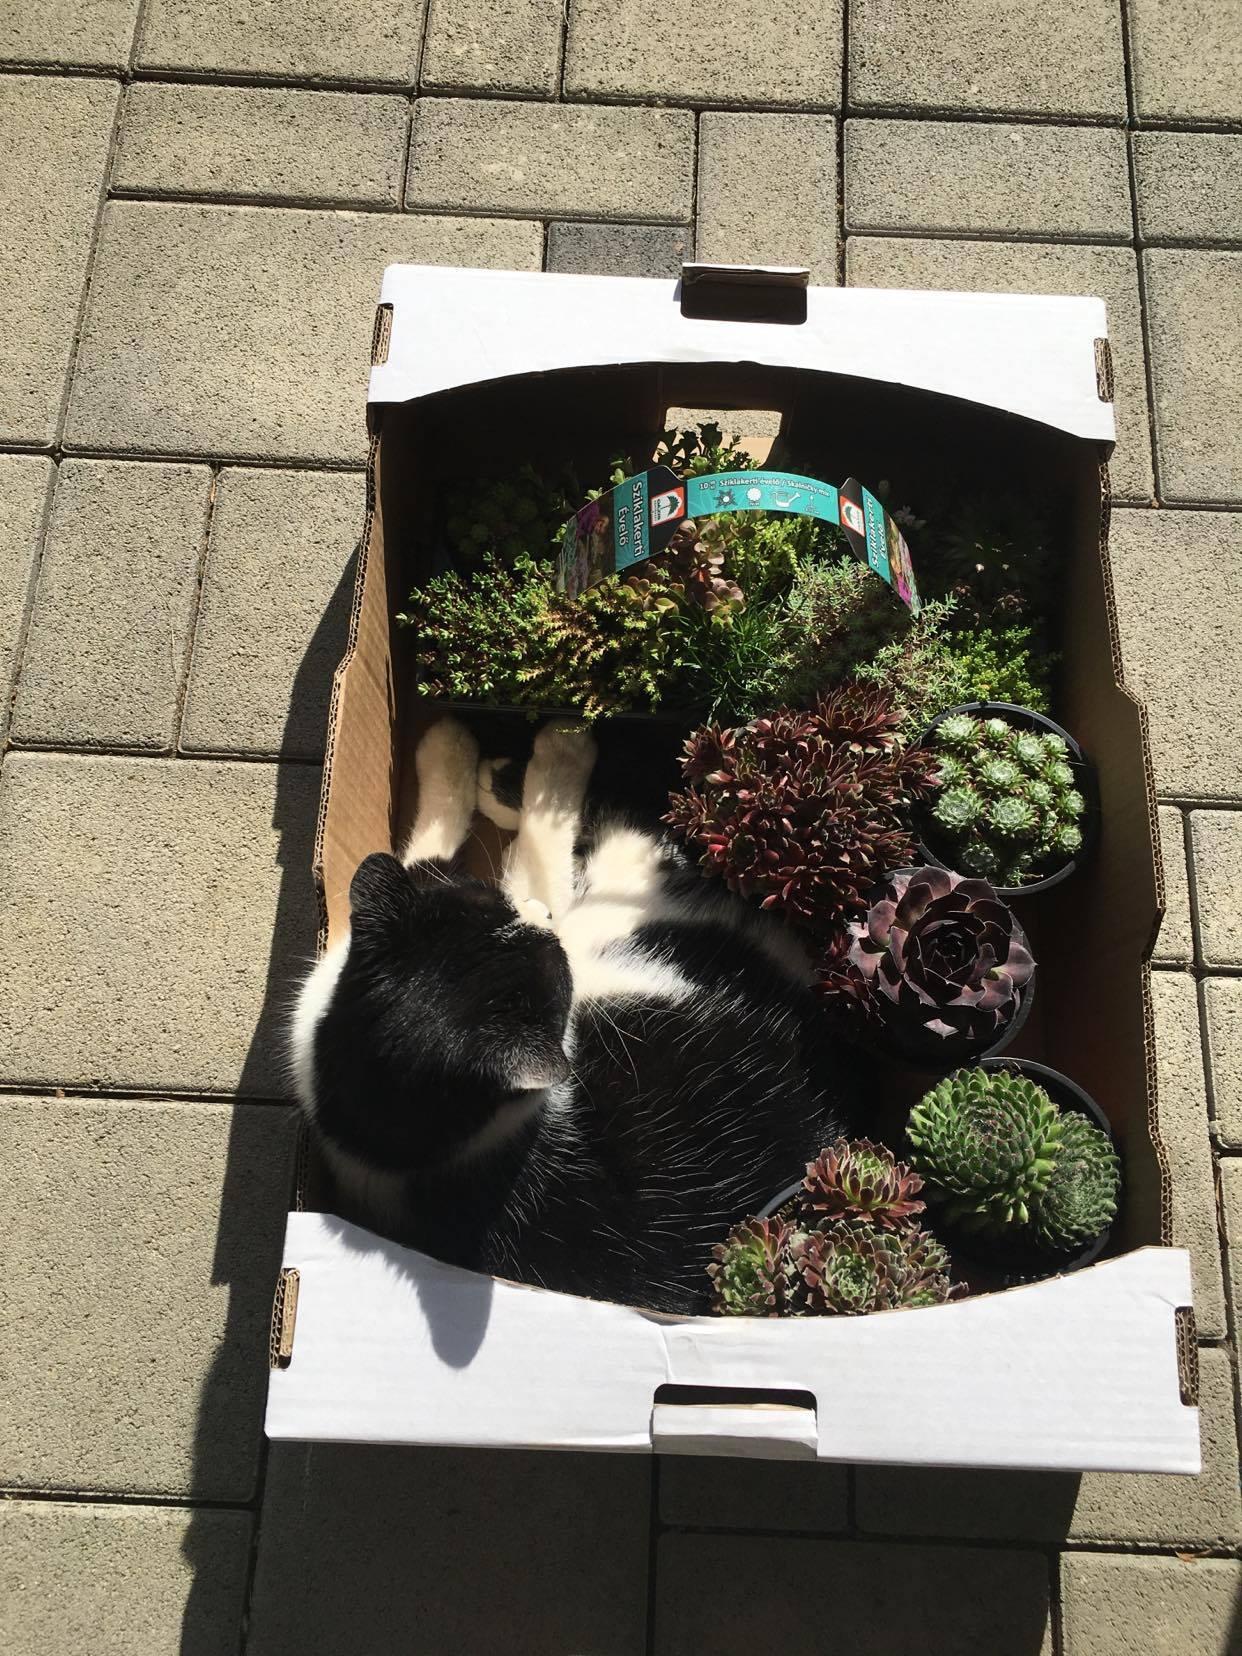 Exteriér - úžitková časť záhrady - ... kozel záhradníkom, odkedy som priniesla domov bedničku so skalkami, tak sa tam usadil náš Oliver a poctivo strážil až do večera :-D